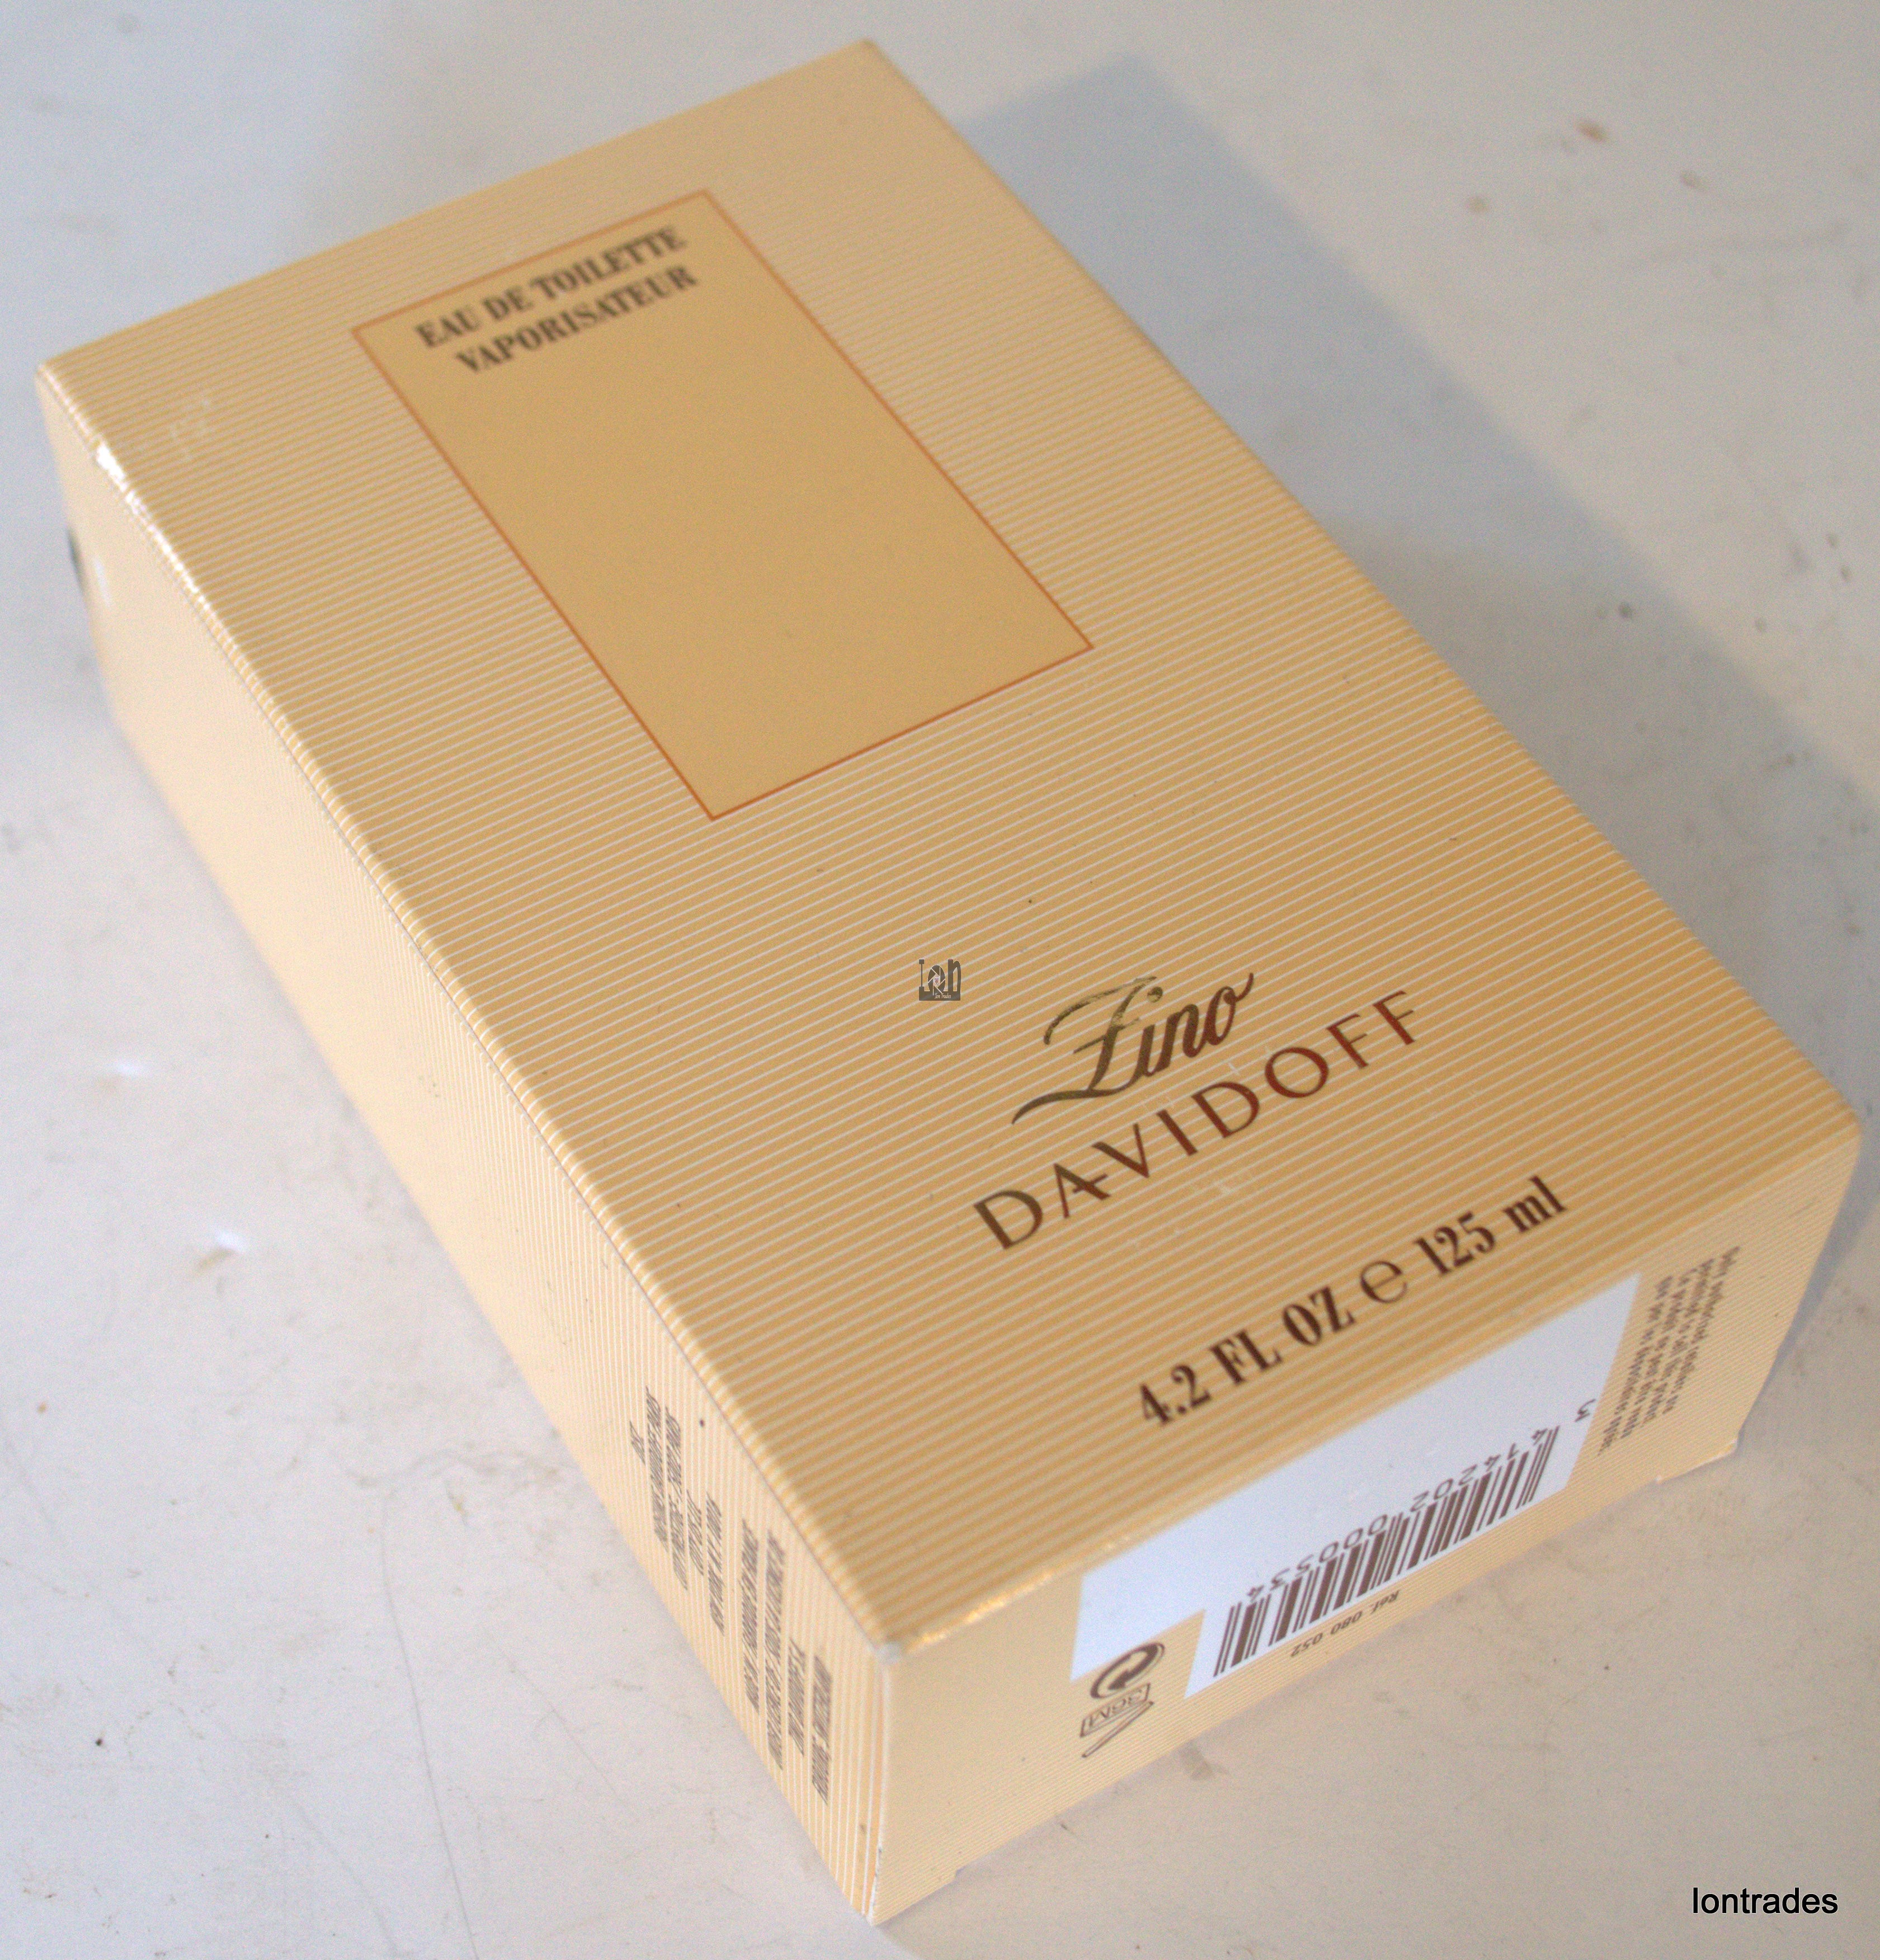 Zino Davidoff Mens Cologne 4.2oz Spray Bottle Eau De Toilette